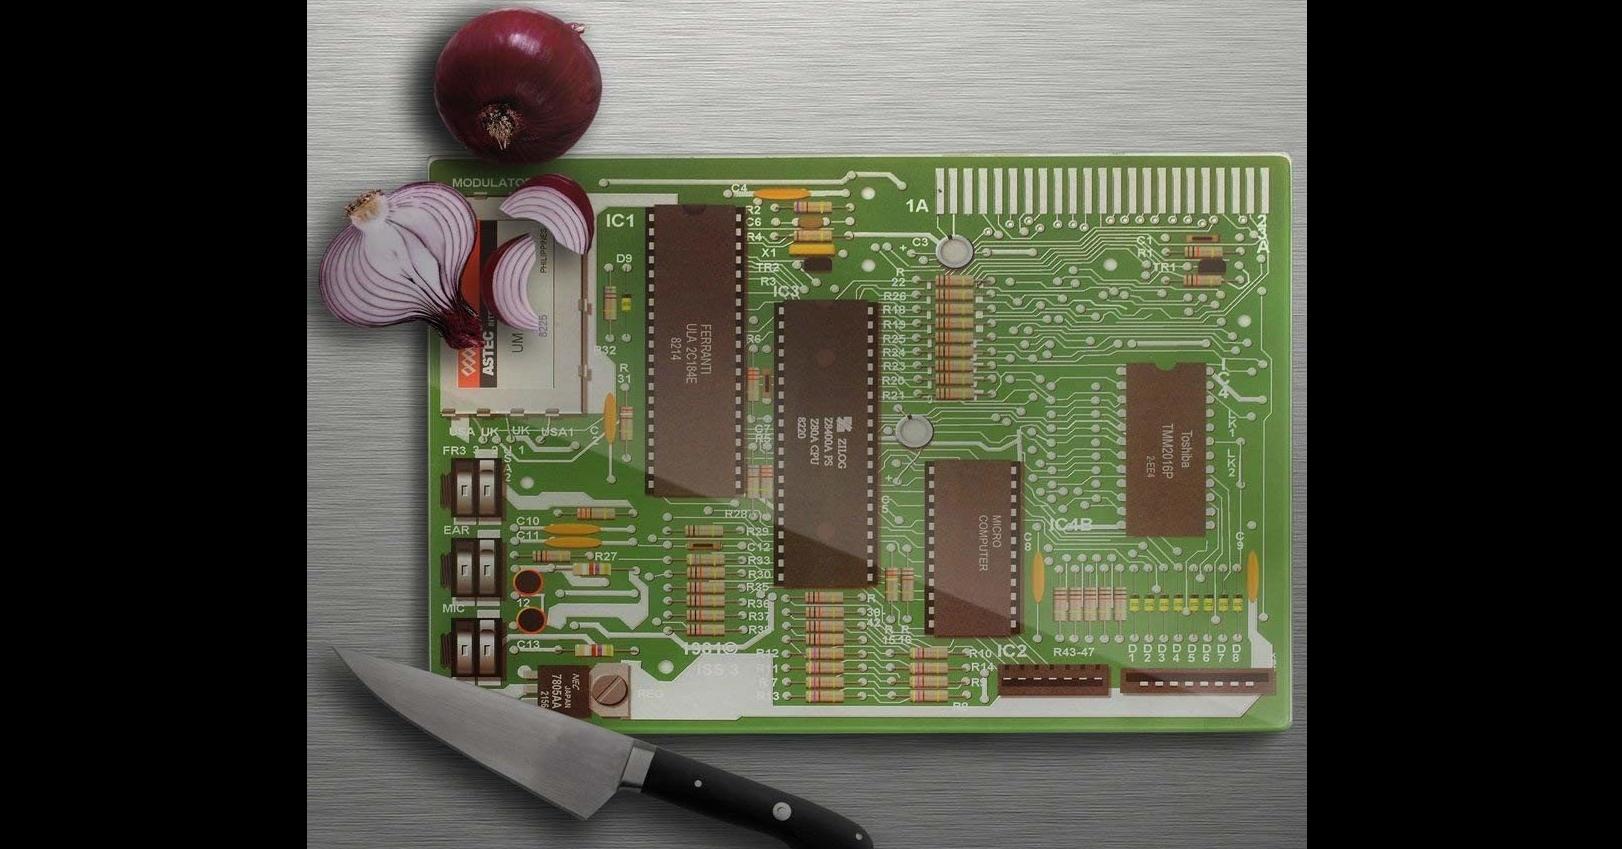 照片中提到了TR1、A UK JUK SAT、ON,包含了克羅皮尼亞共和國、切菜板、勞倫斯頓計算機母板切菜板、電腦、廚房